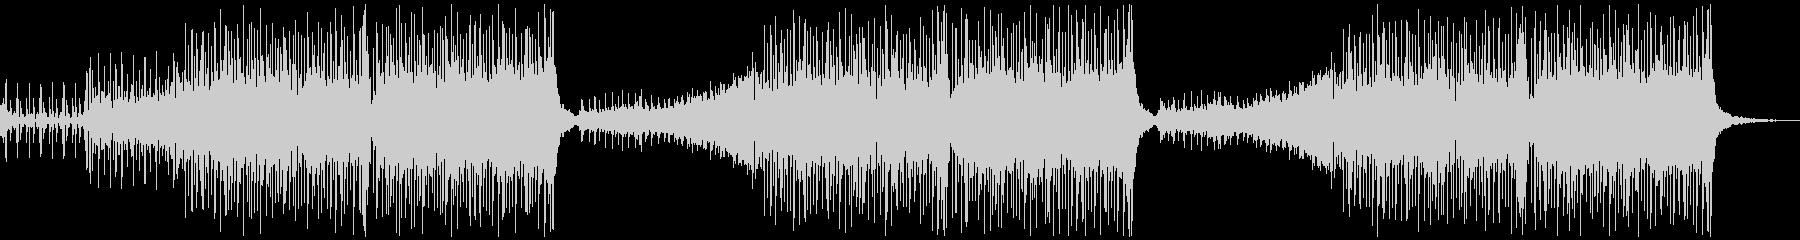 【メロなし】クール/かっこいい洋楽ハウスの未再生の波形